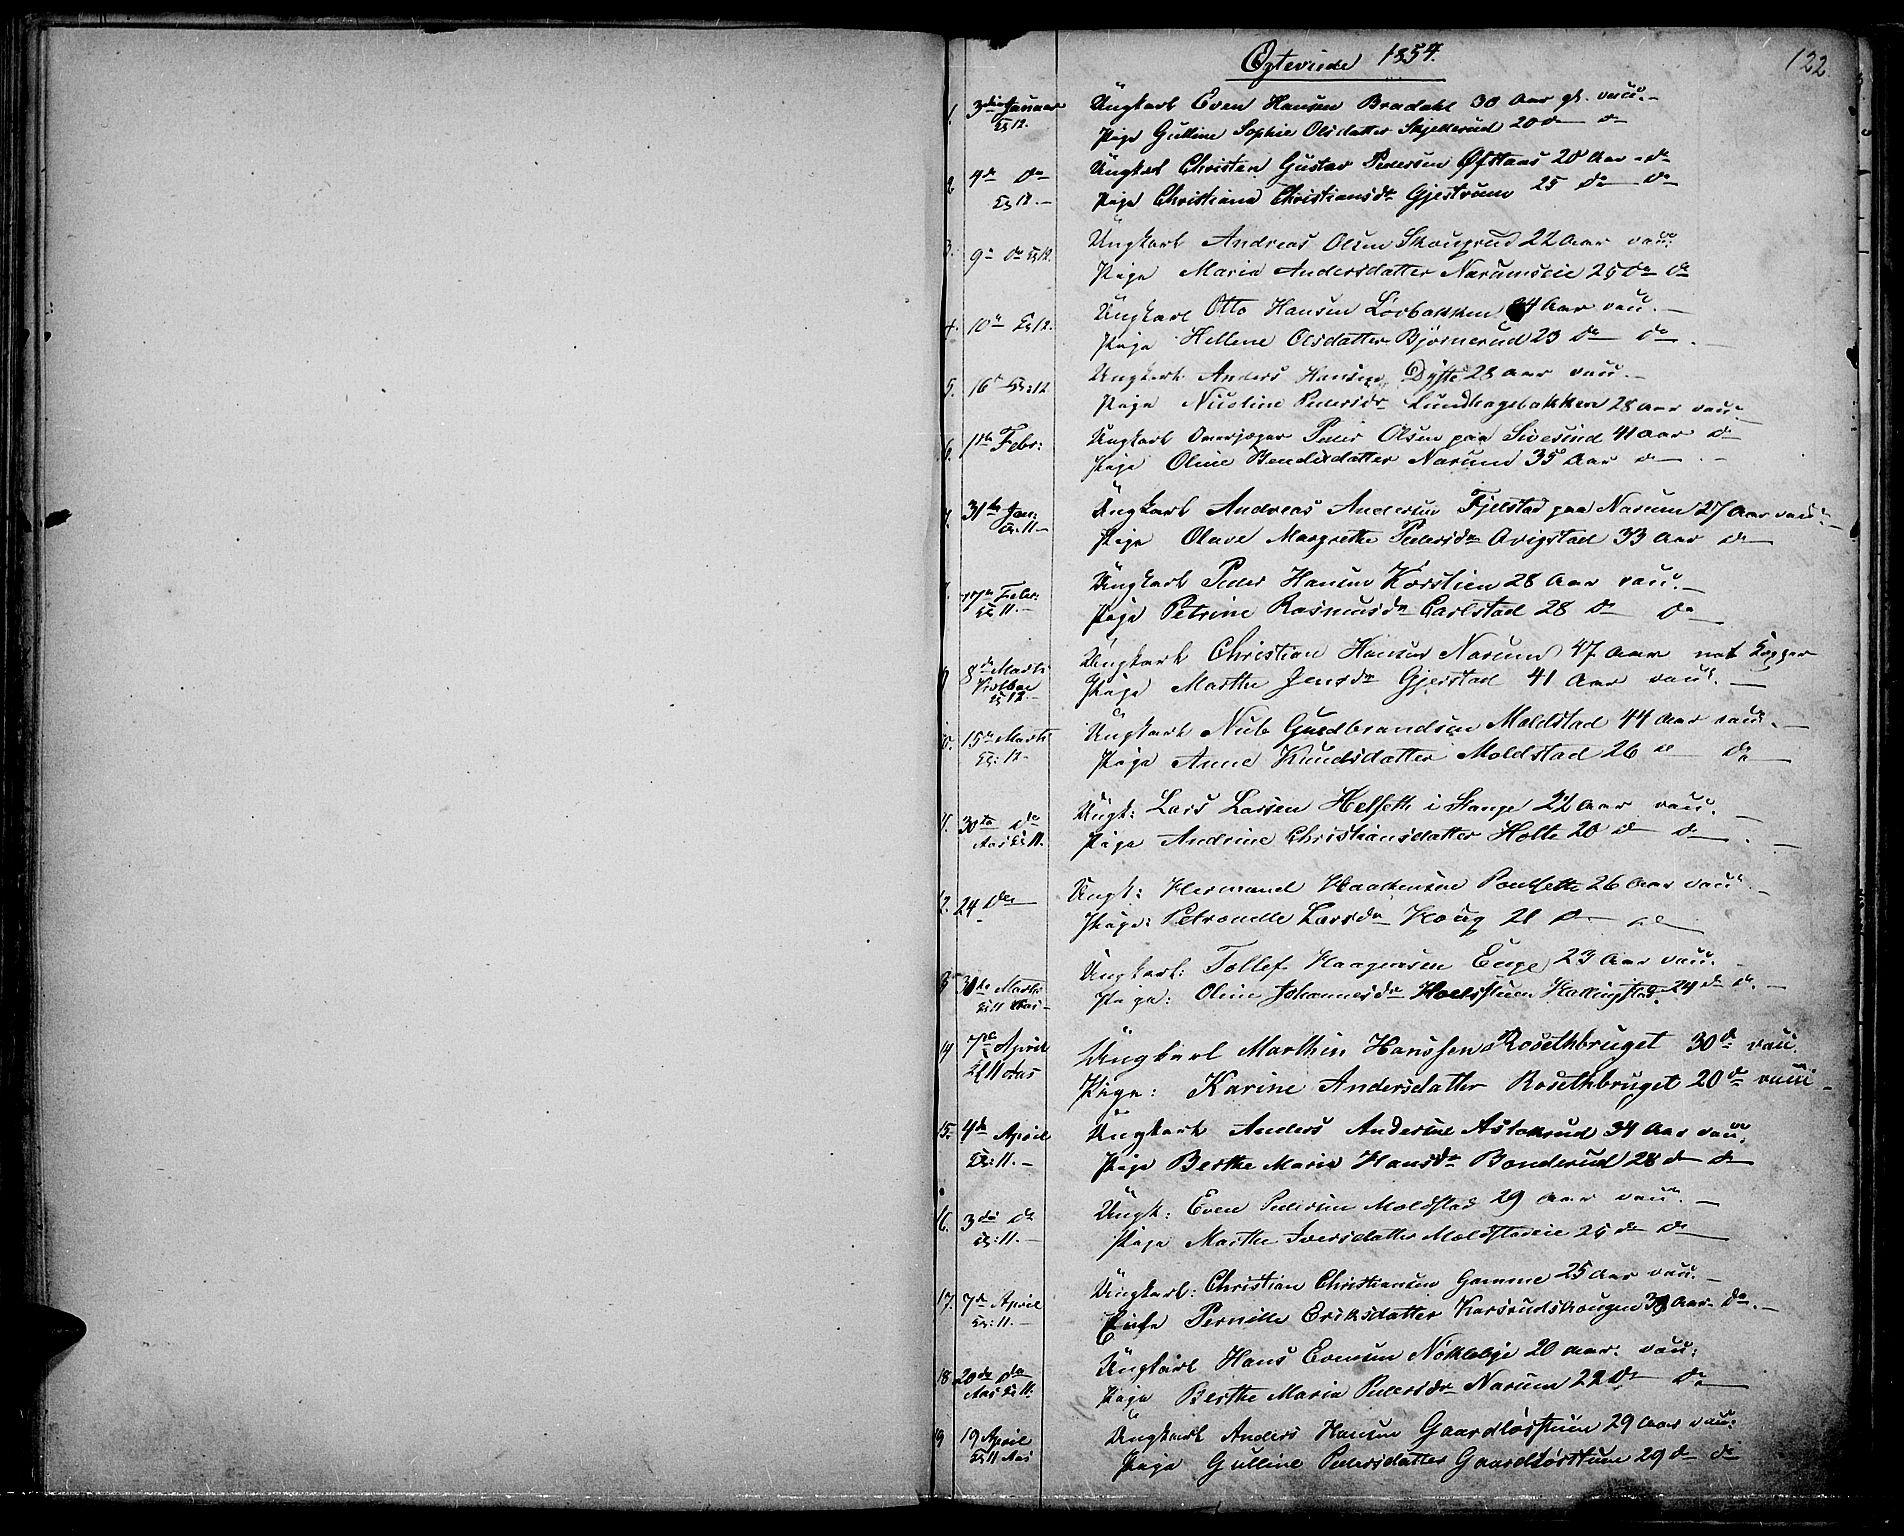 SAH, Vestre Toten prestekontor, Klokkerbok nr. 5, 1854-1870, s. 122